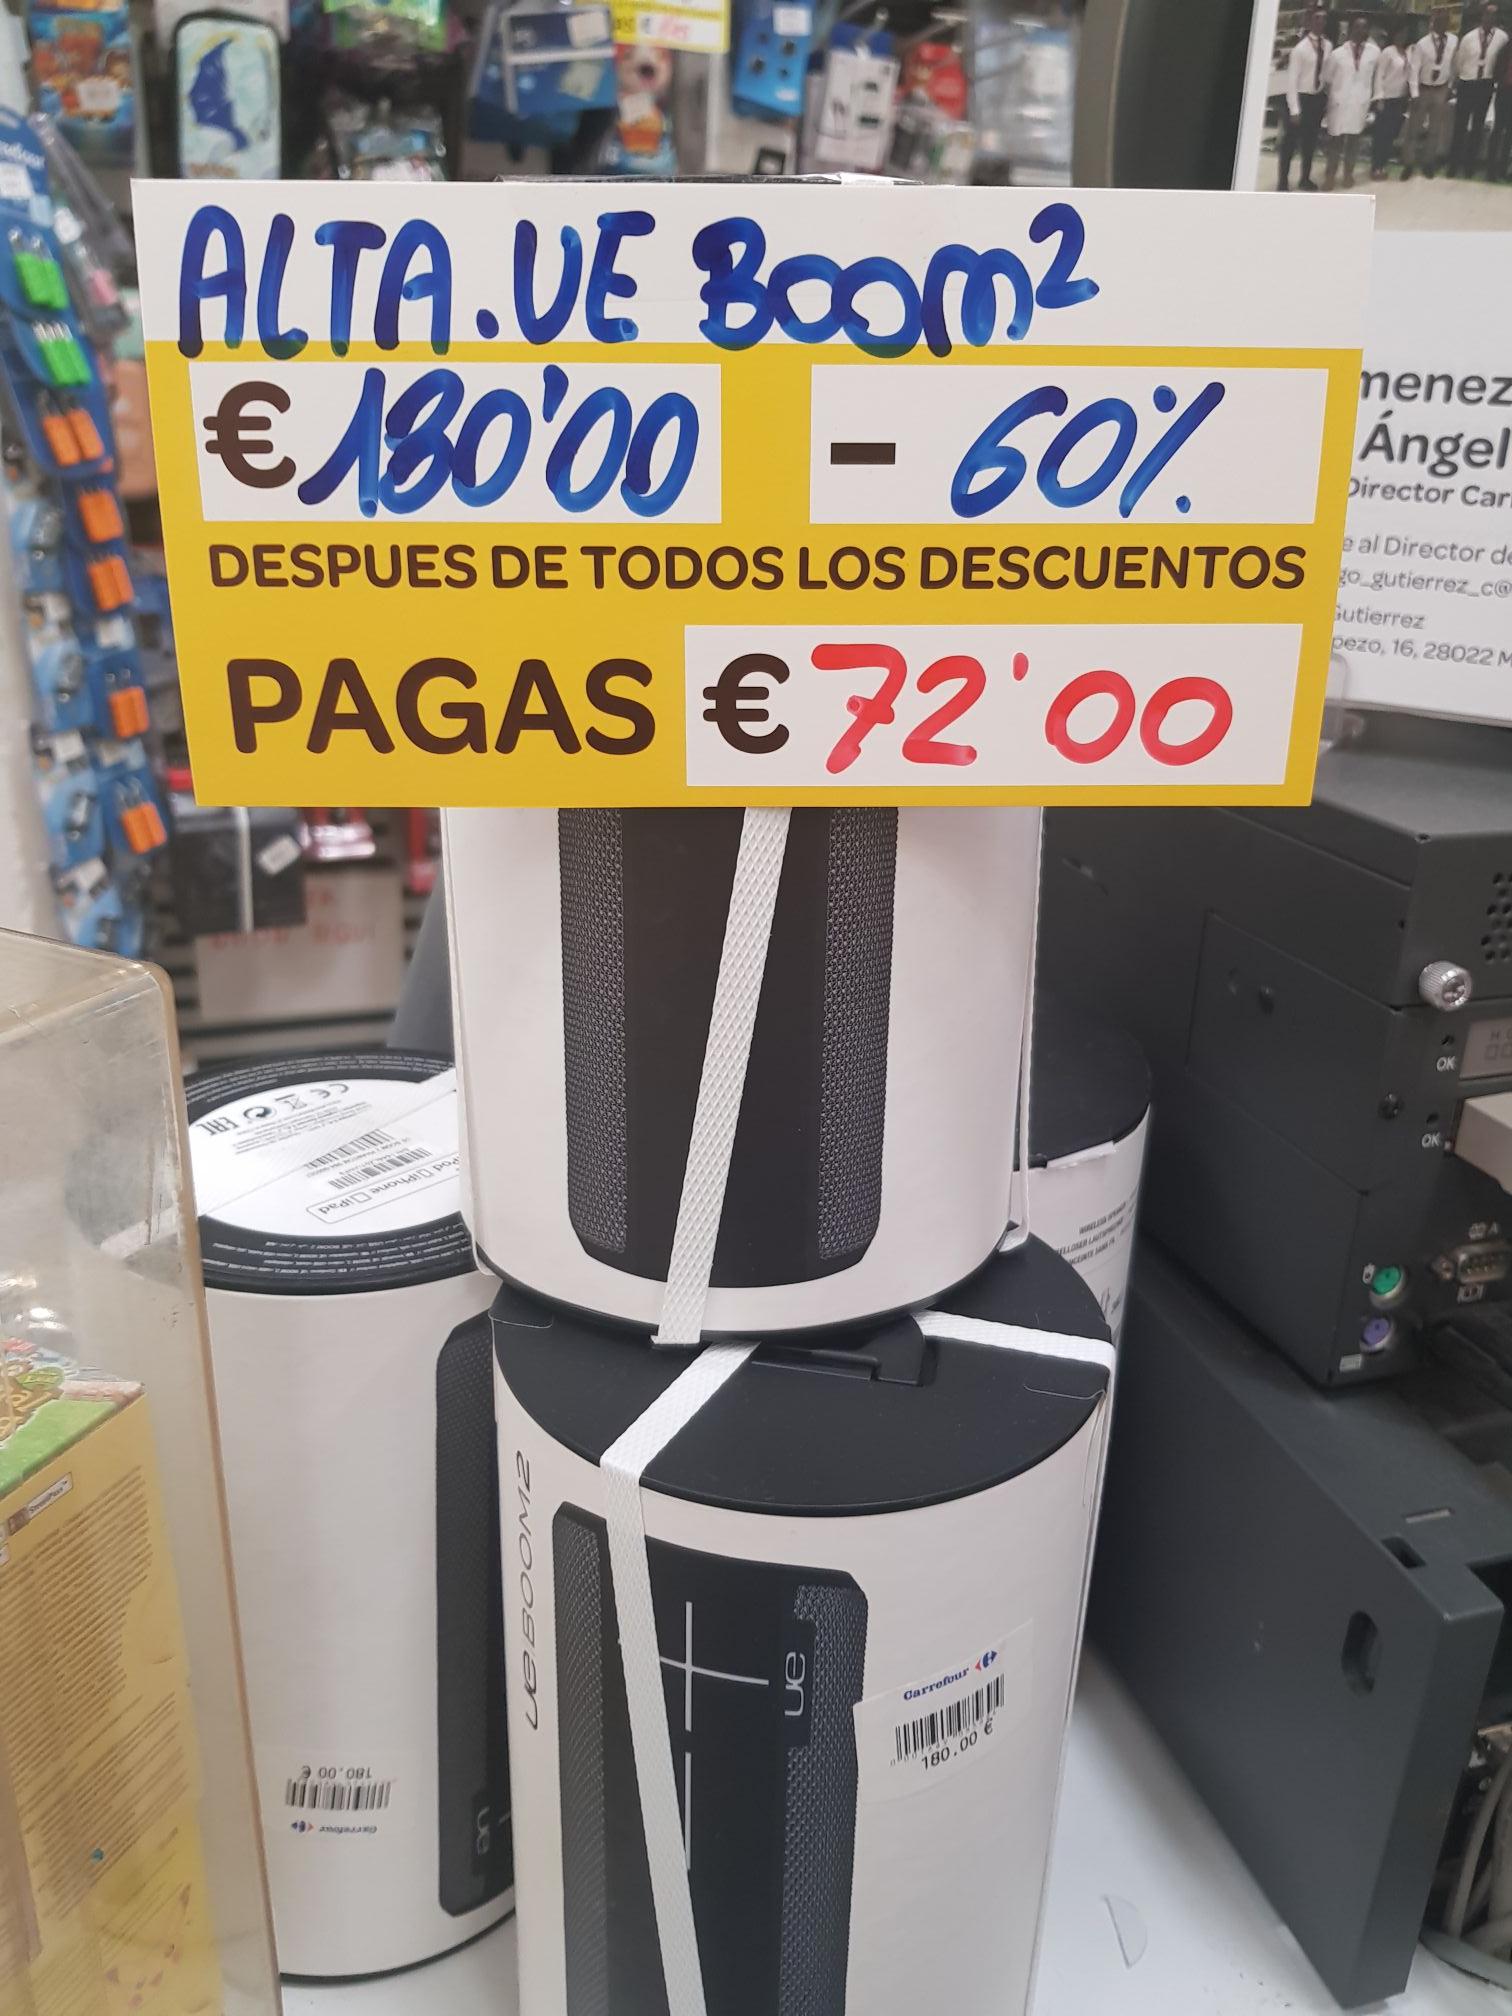 Altavoz UE Boom 2